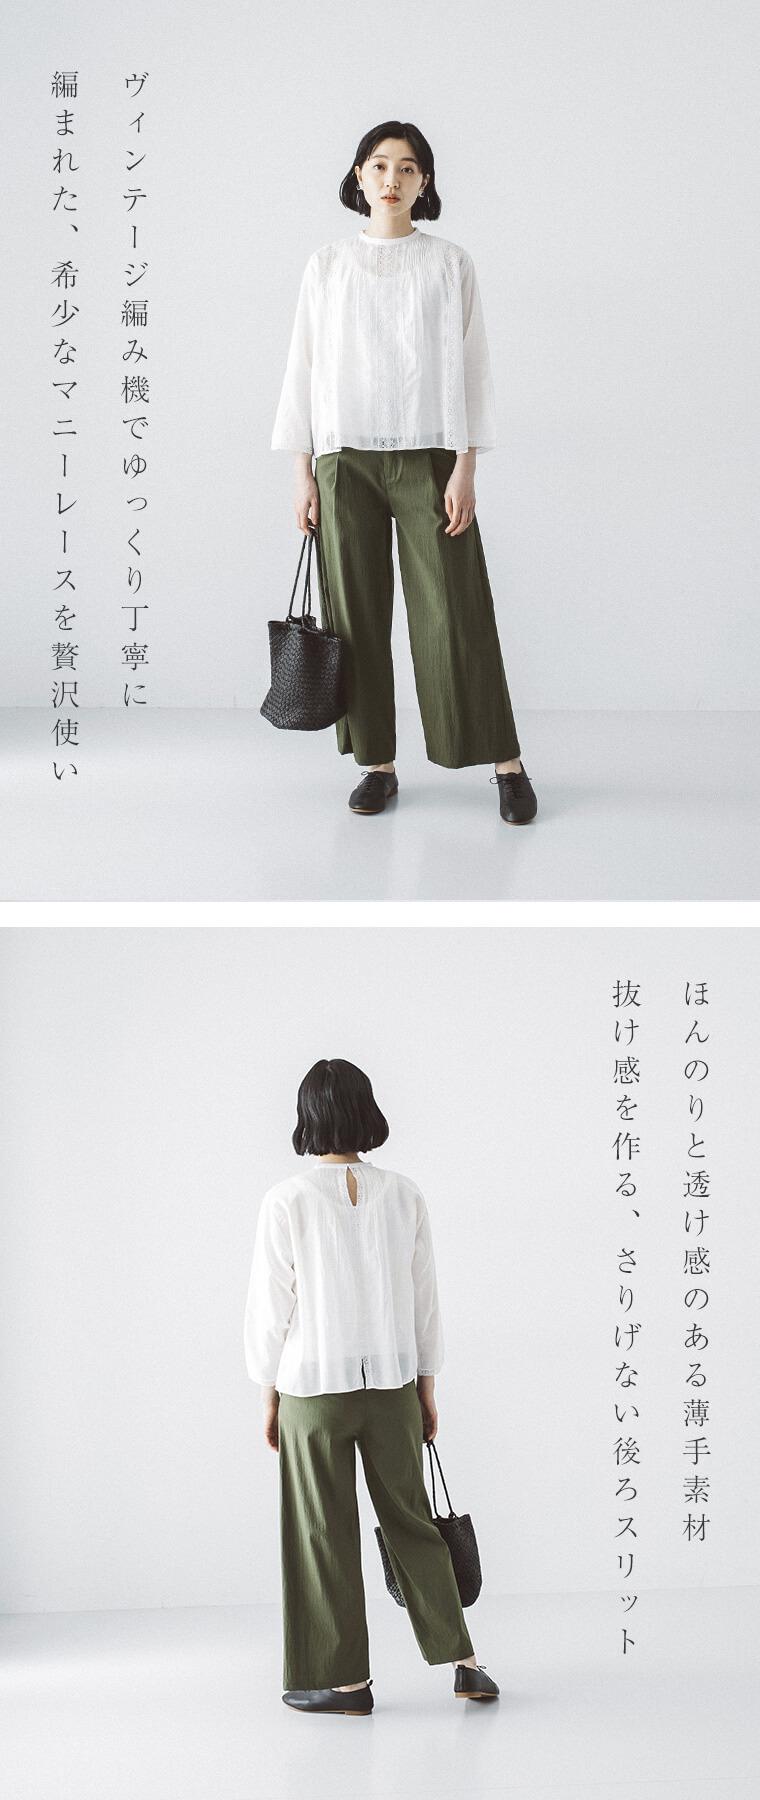 マニーレースブラウスを着た女性モデル